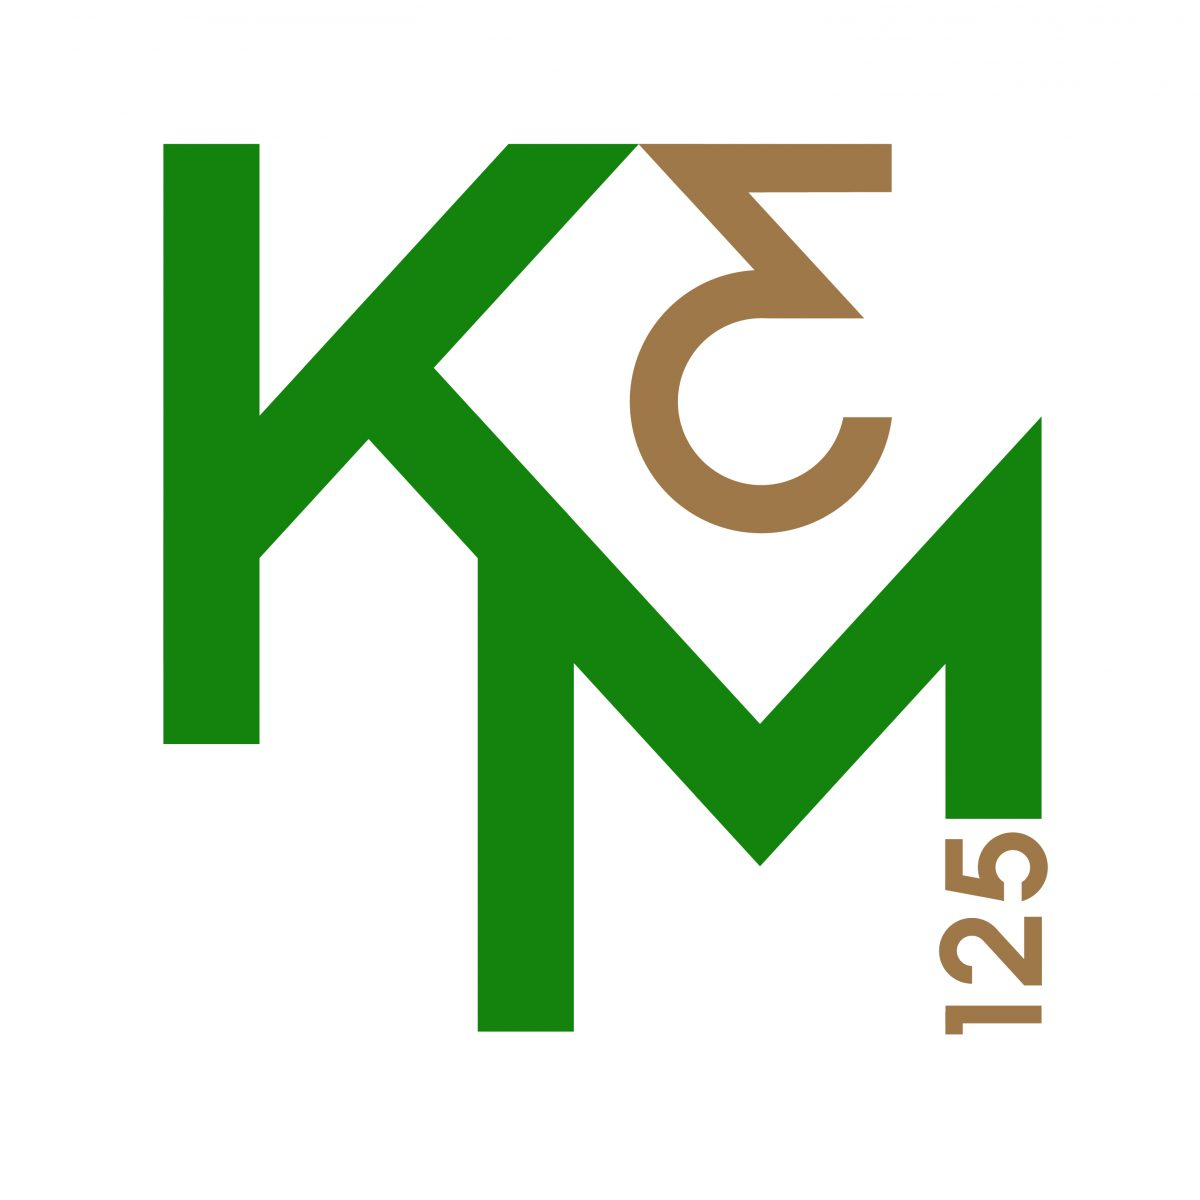 125th Anniversary of K&M